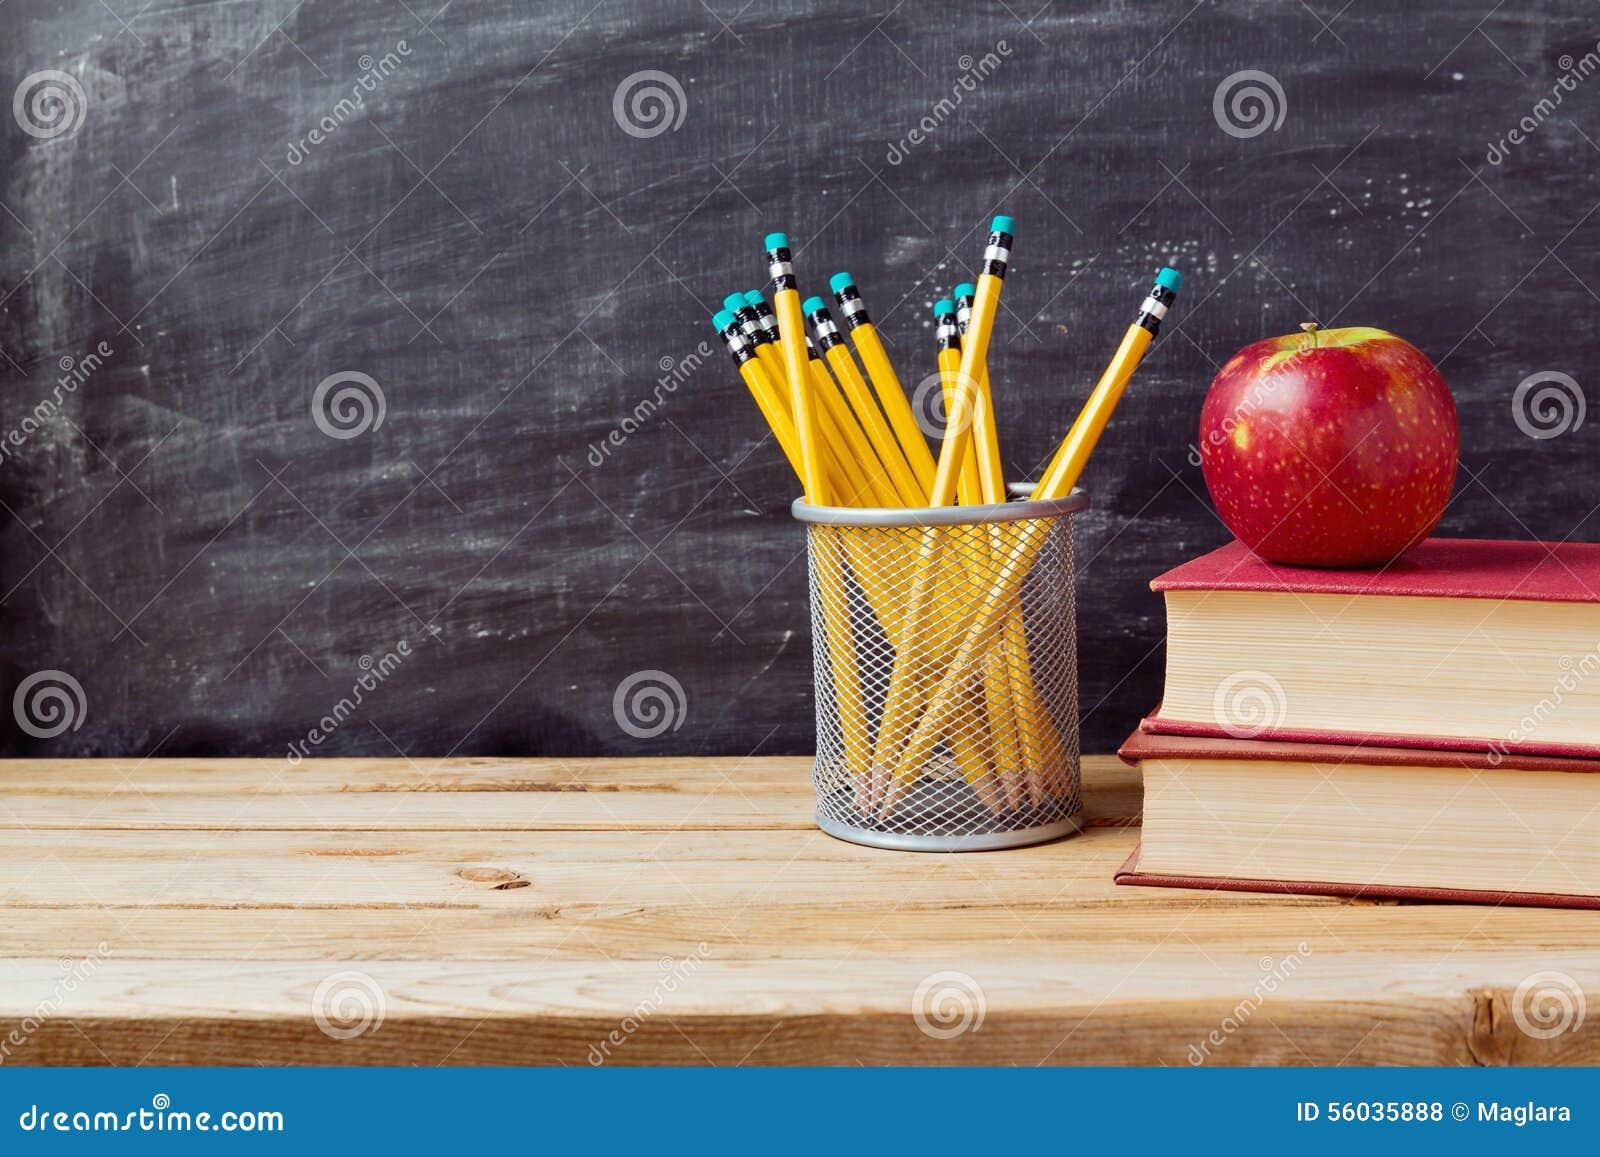 Назад к предпосылке школы с книгами, карандашами и яблоком над доской